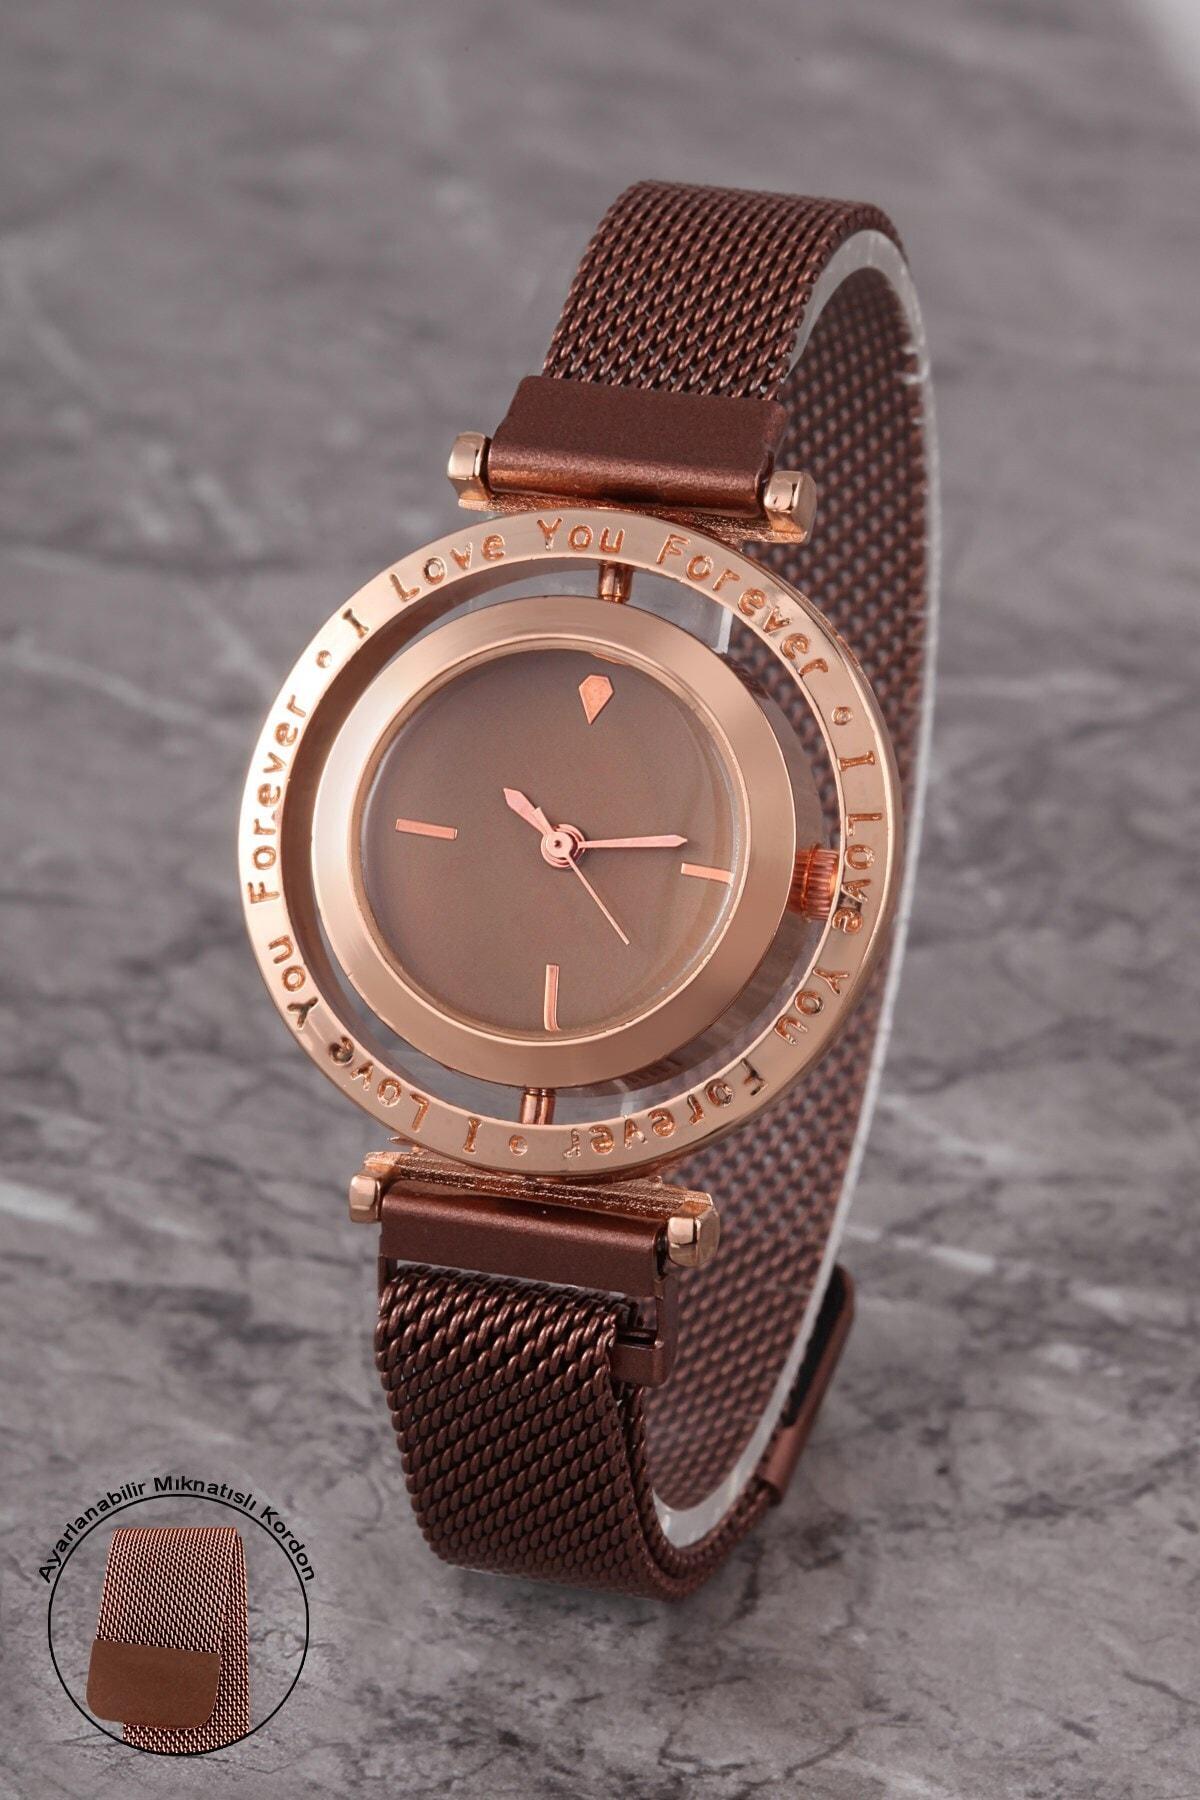 Polo55 Plkhm012r01 Kadın Saat Çizgili Döner Kadran Mıknatıslı Hasır Kordon 1